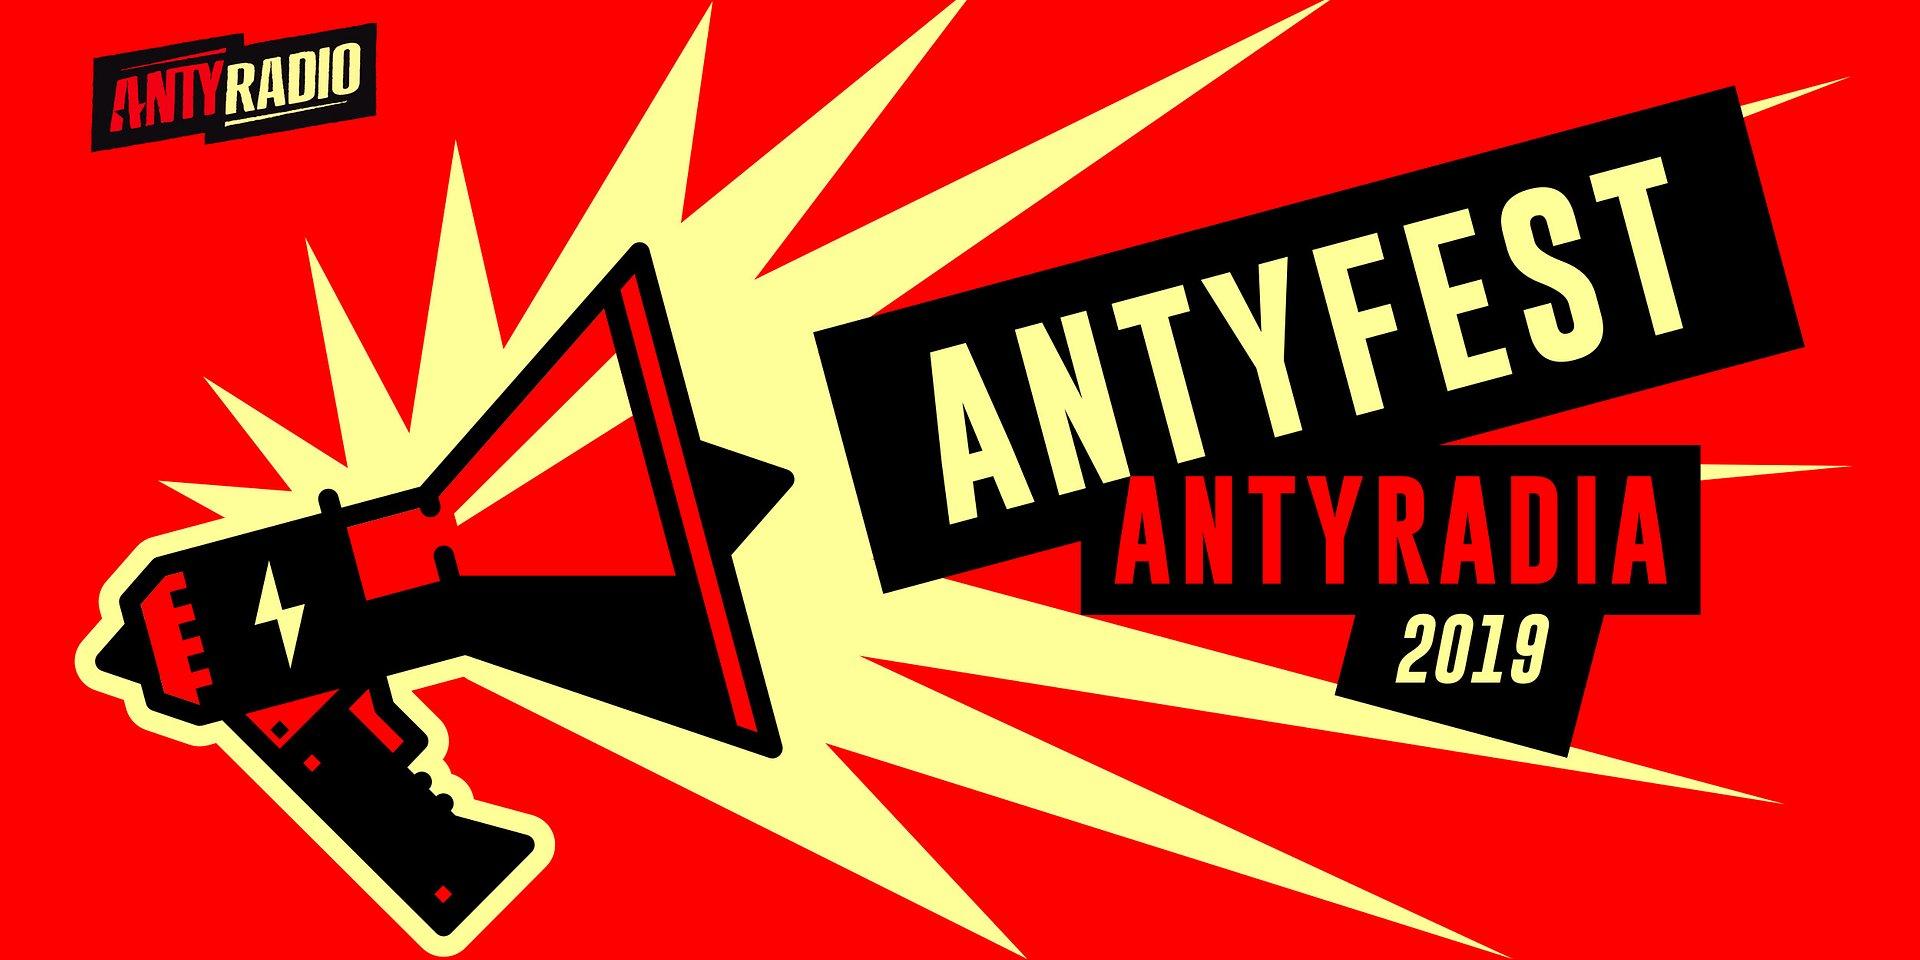 Wystartował Antyfest Antyradia 2019